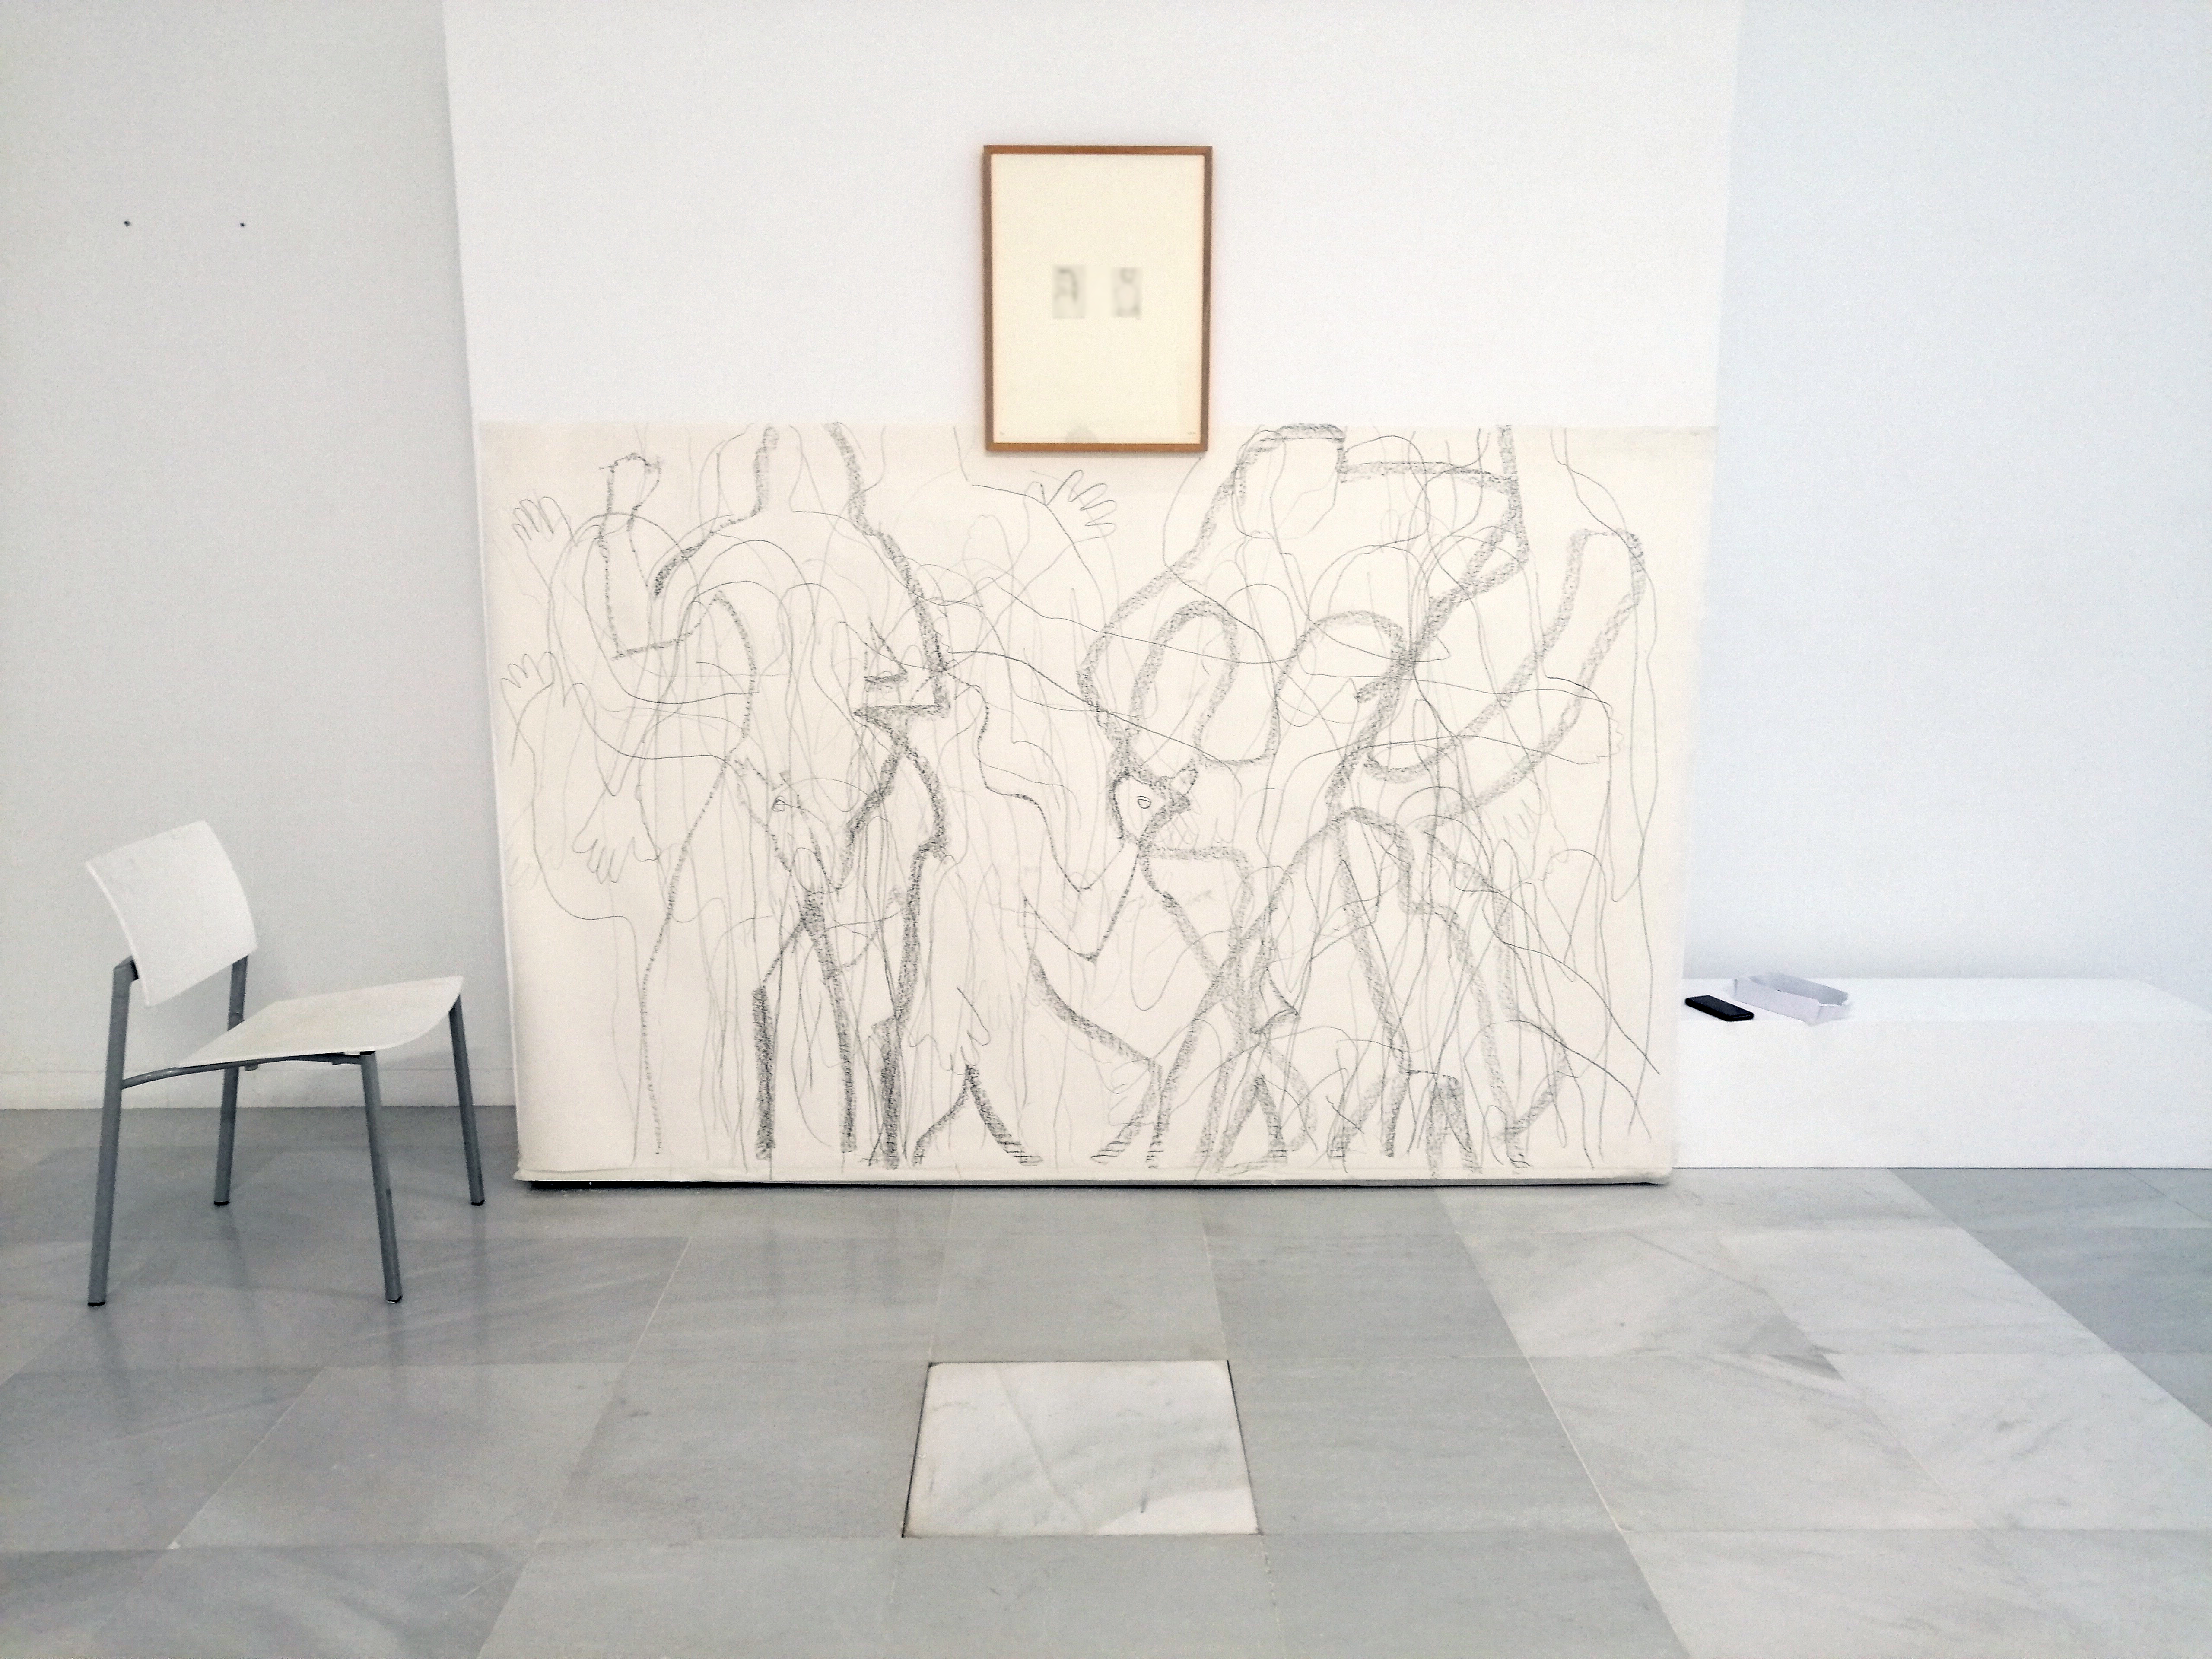 Perdomo, Karina. 2019, Bourgeois 5